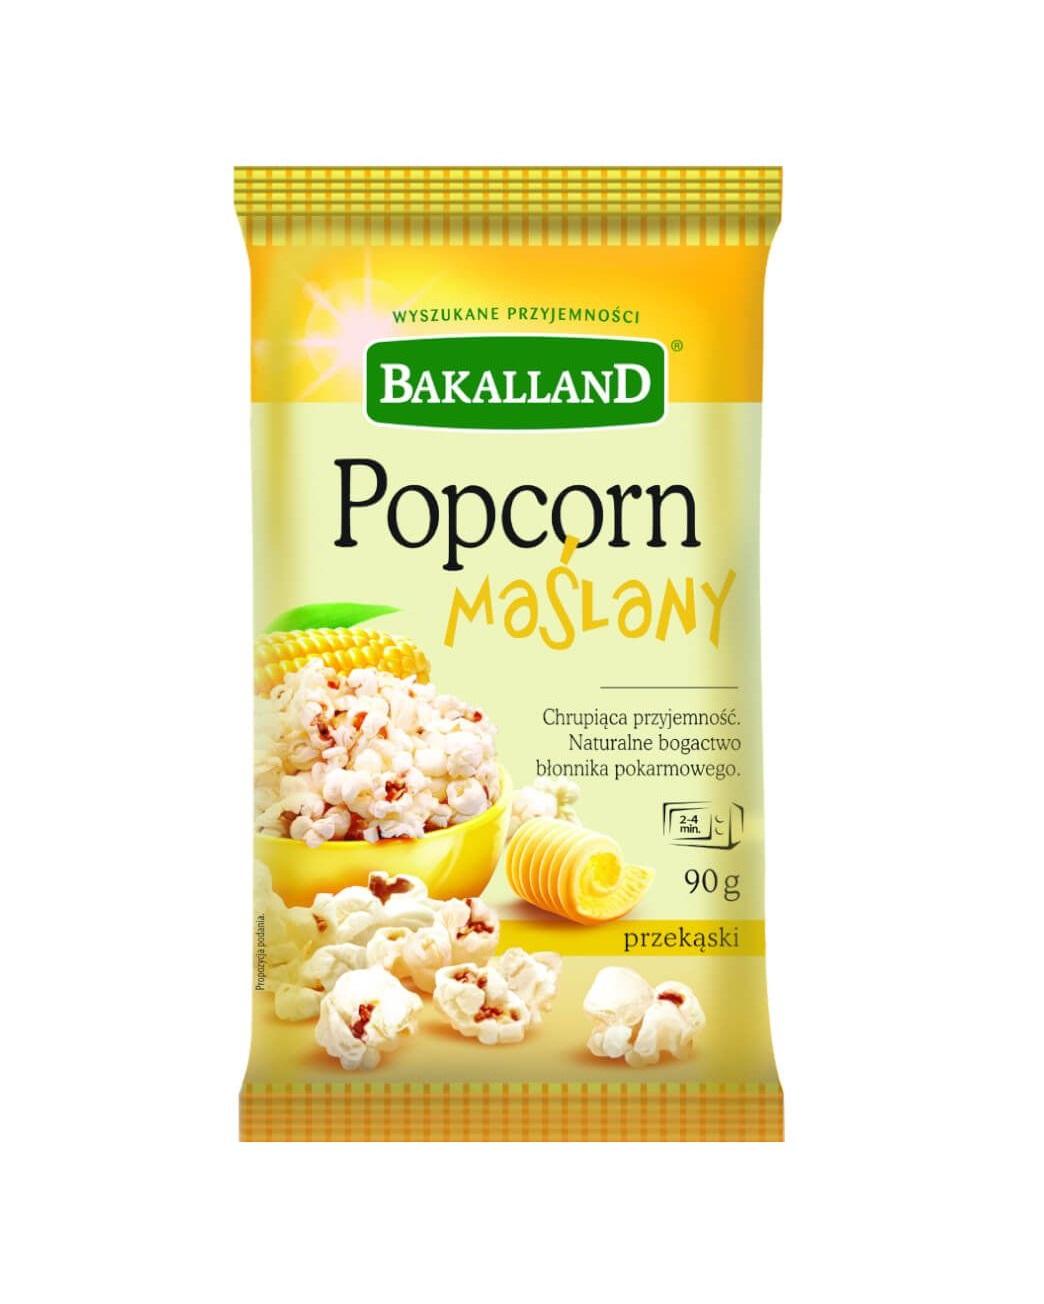 bakalland popcorn maslany